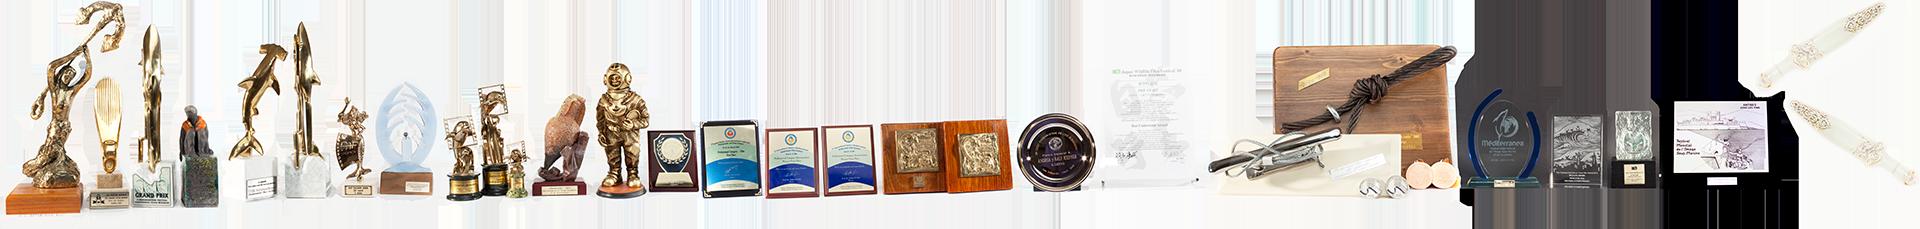 Auszeichnungen - Awards